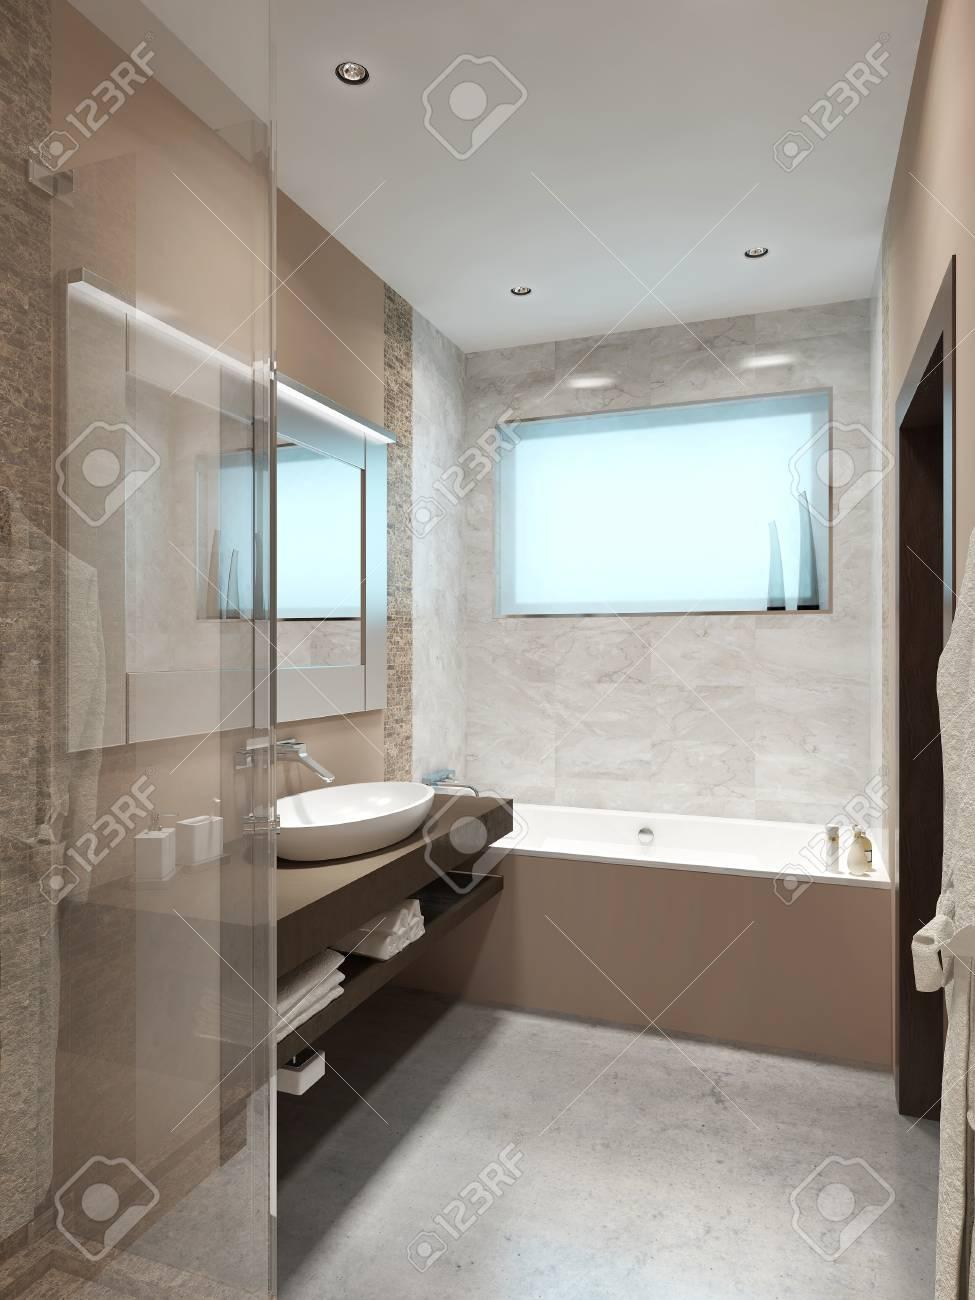 Schöne Badezimmer In Der Art Hallo-Tech. Mit Dusche Und WC. Braun ...